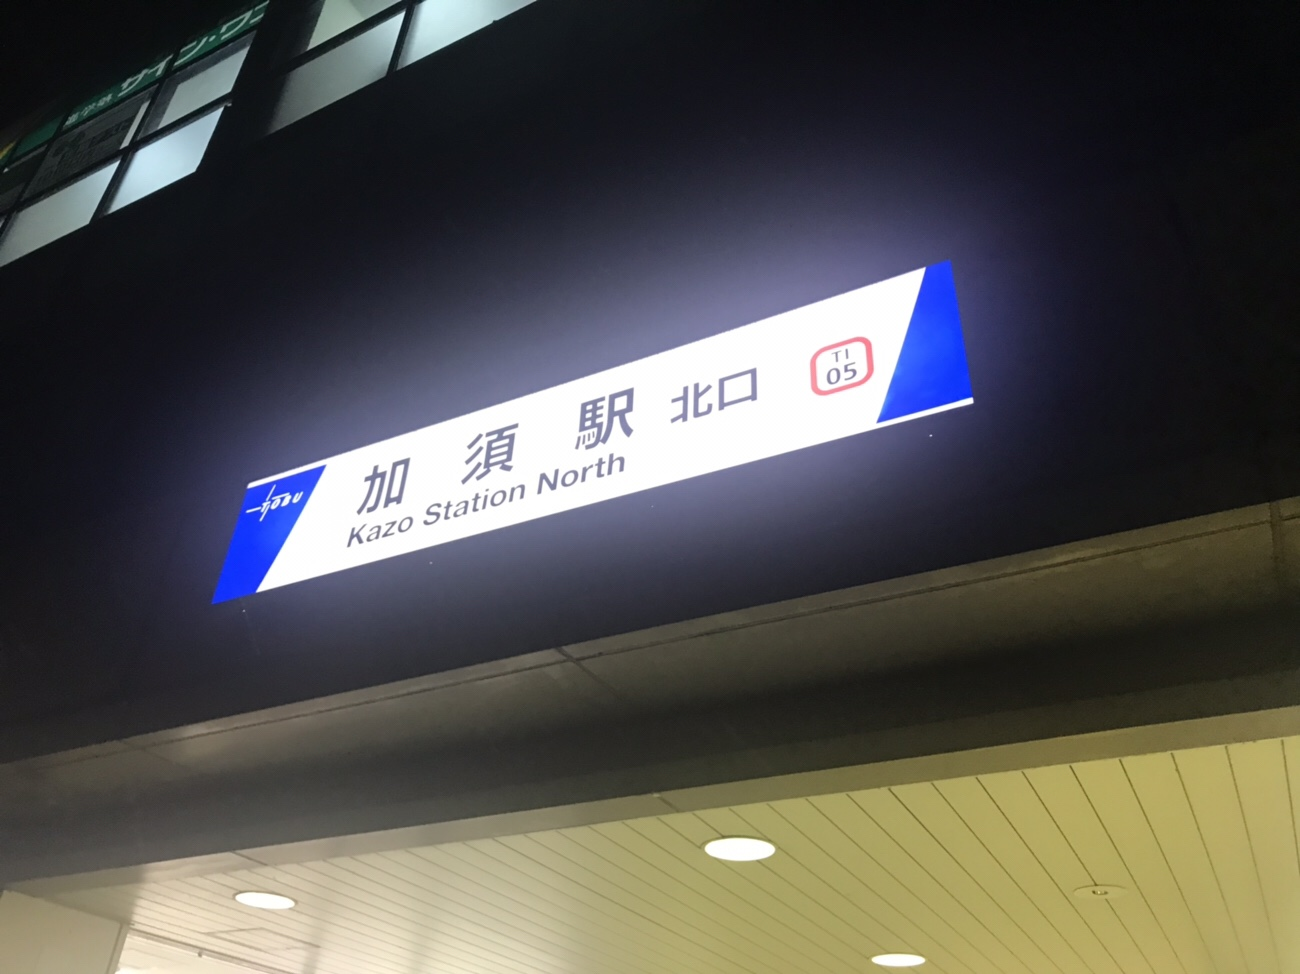 かし亀 駐車場 加須駅北口